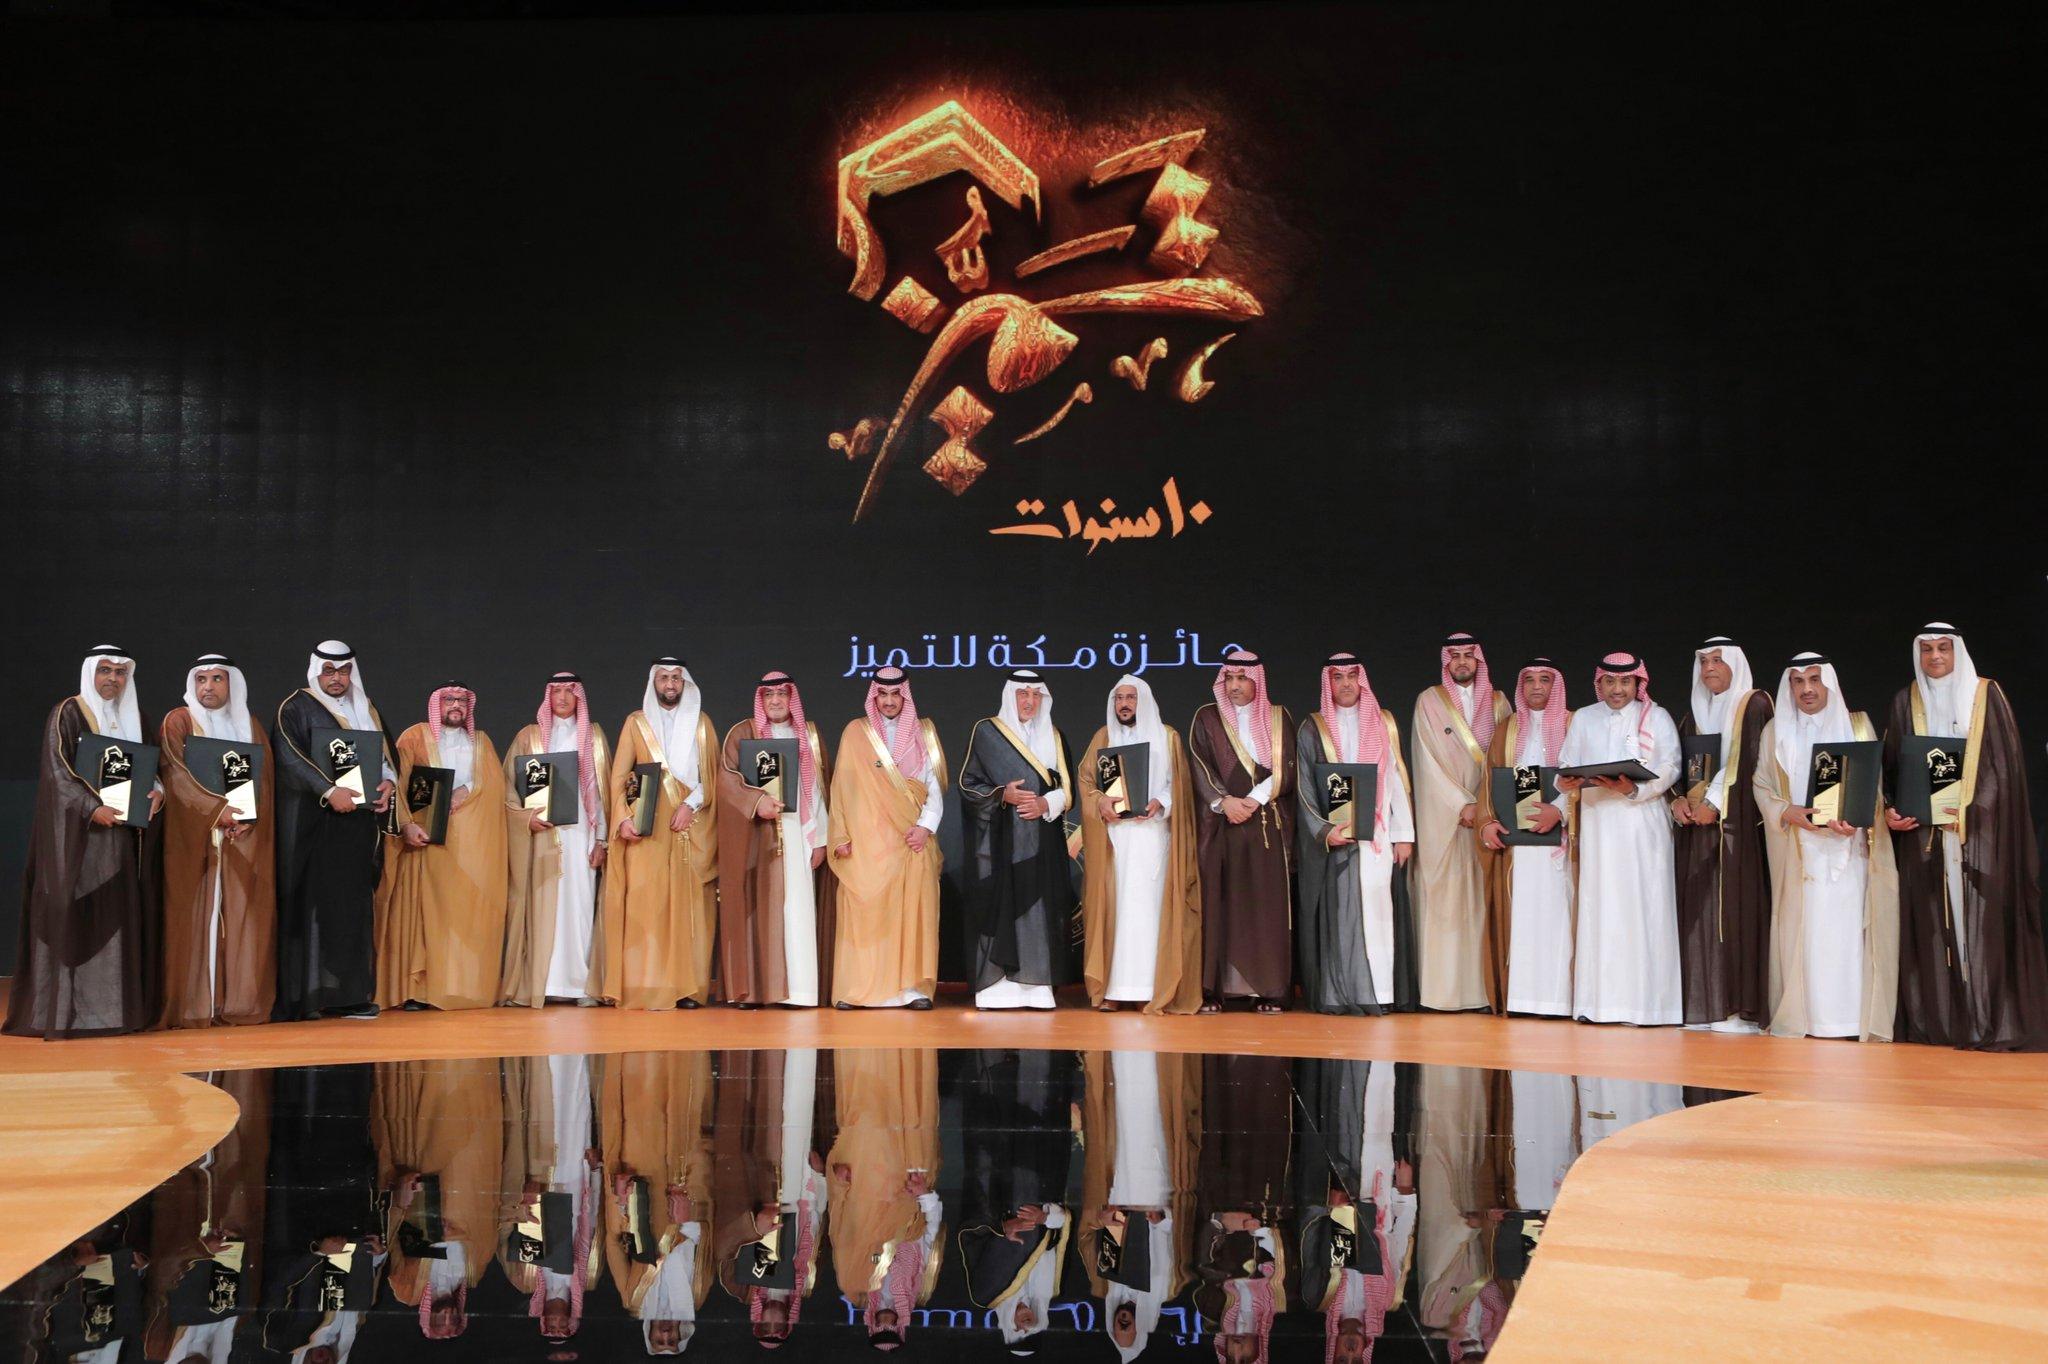 خالد الفيصل يُكرم الفائزين بجائزة مكة للتميز في دورتها العاشرة